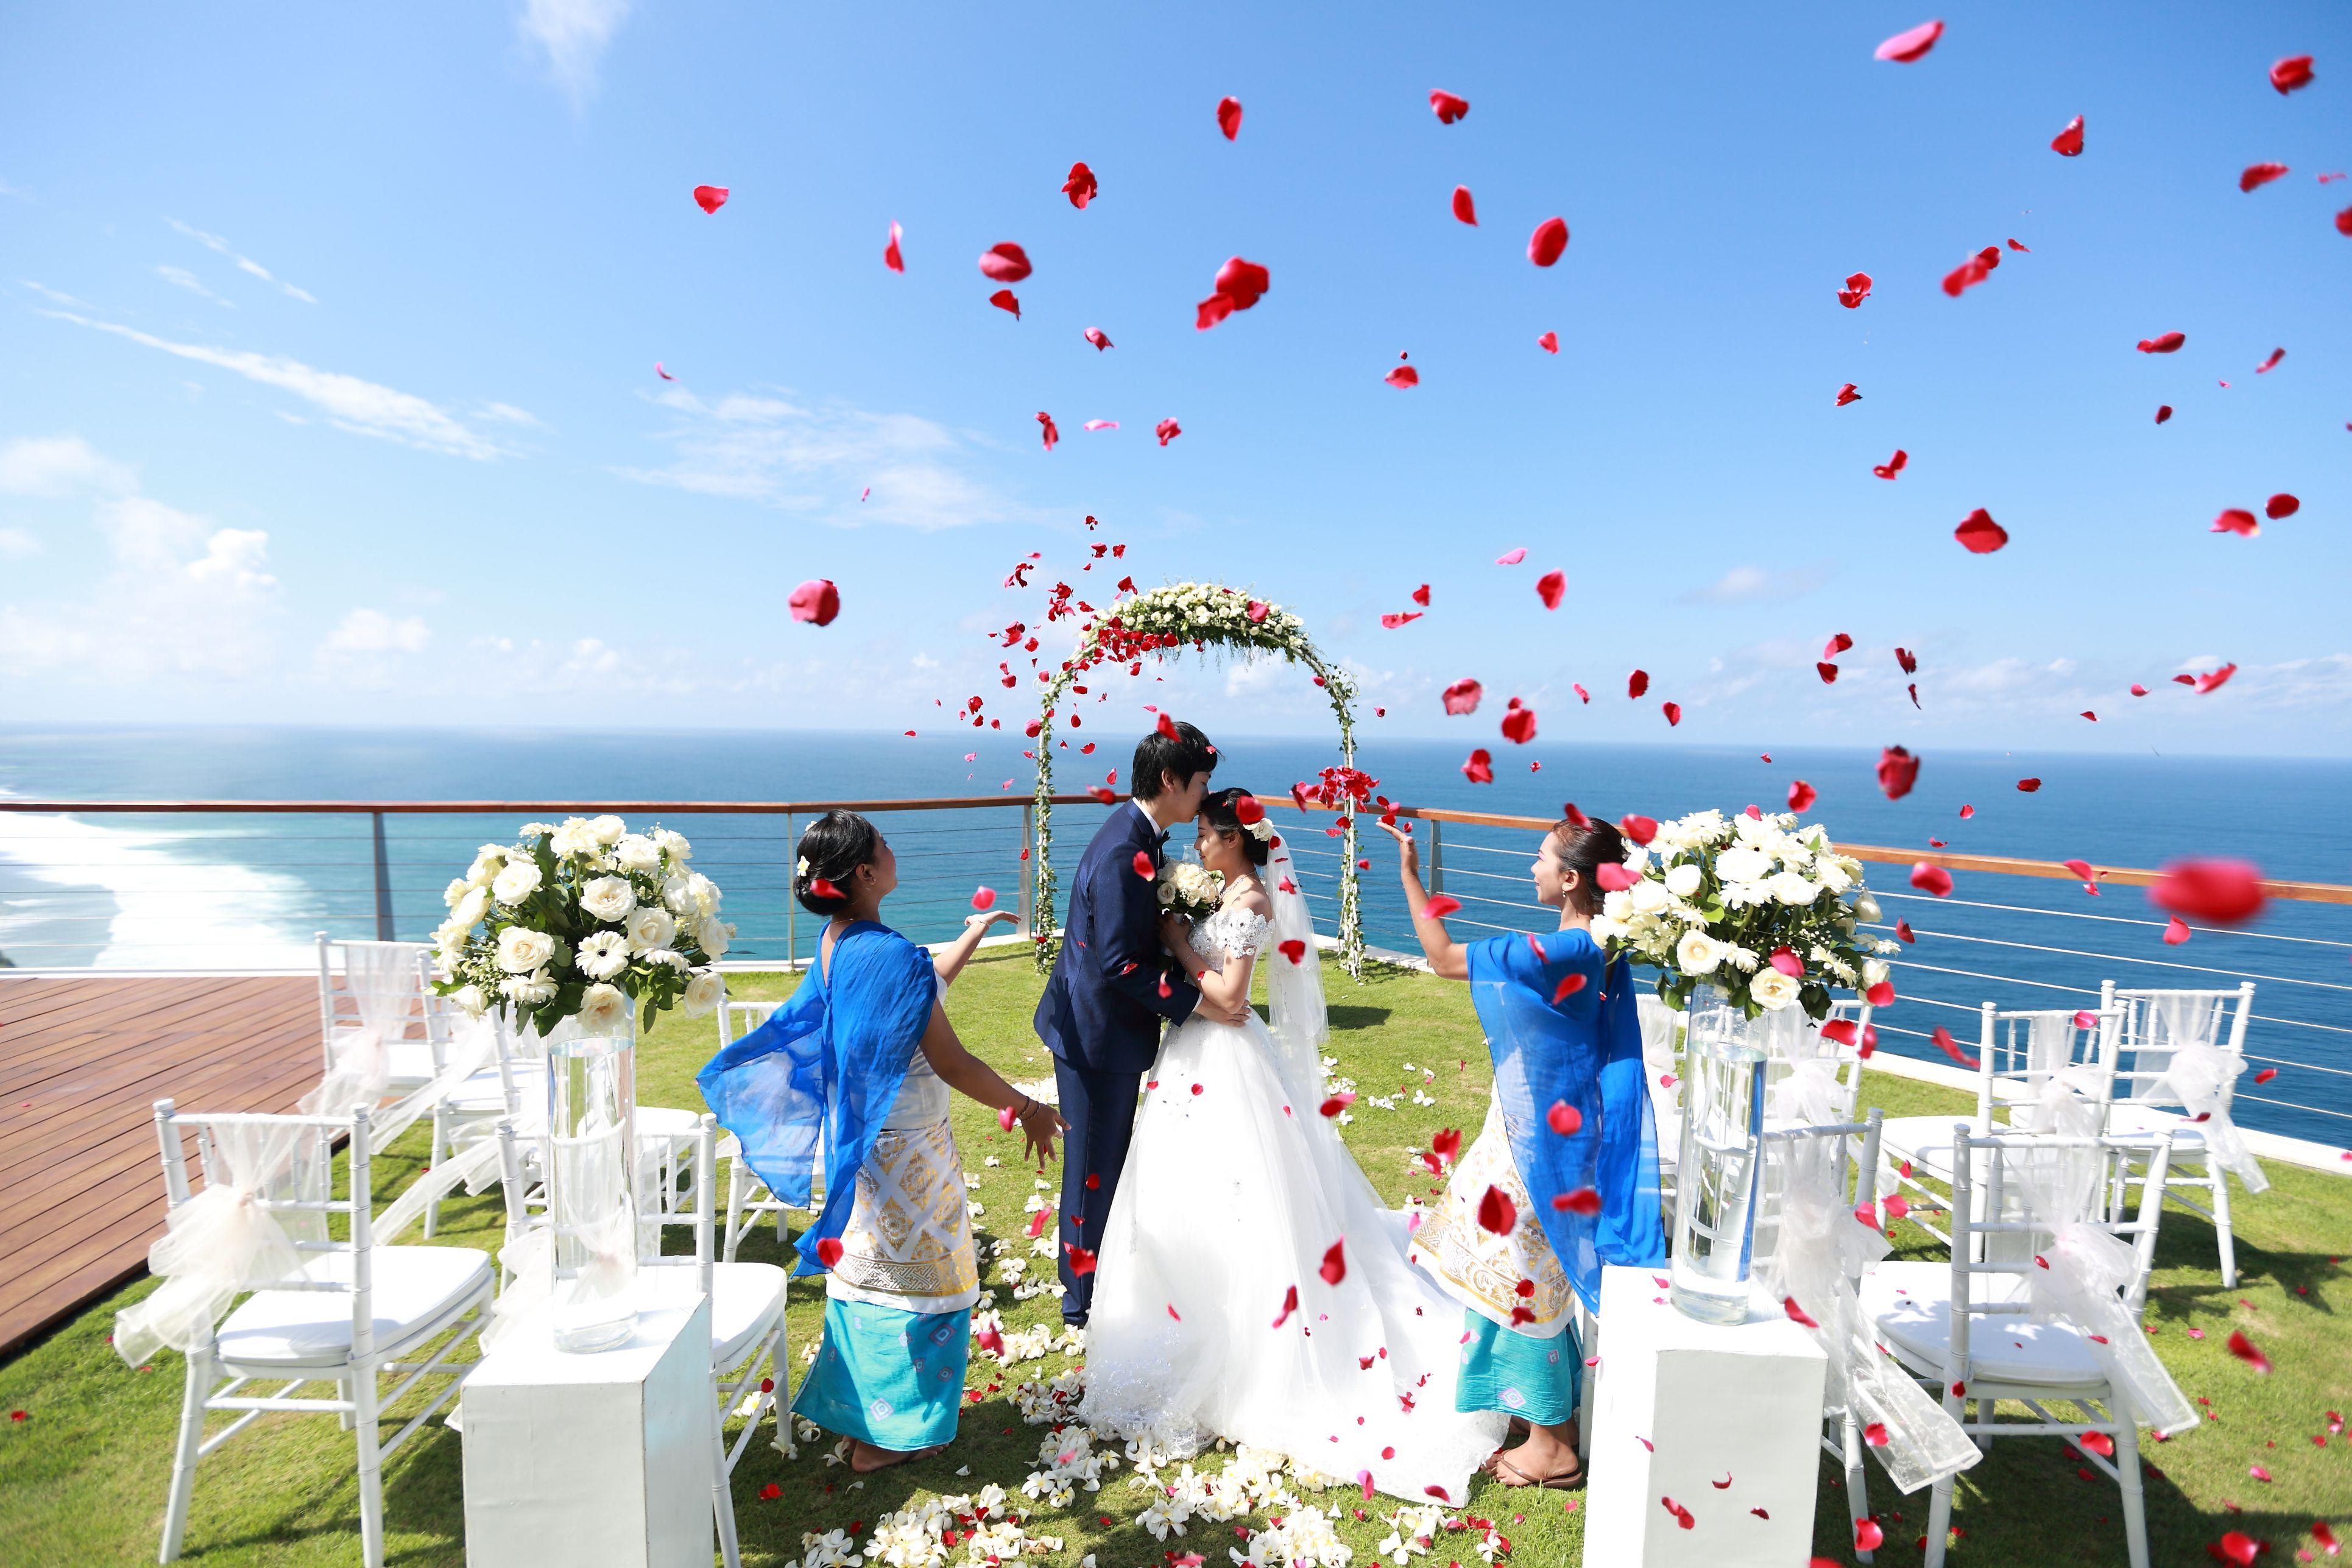 Petalshower Baliweddingphotography Preweddingbali Weddingdestinations Baliphotowedding Asiancouple Preweddingsurabaya Preweddbali Latepost Thebridesto